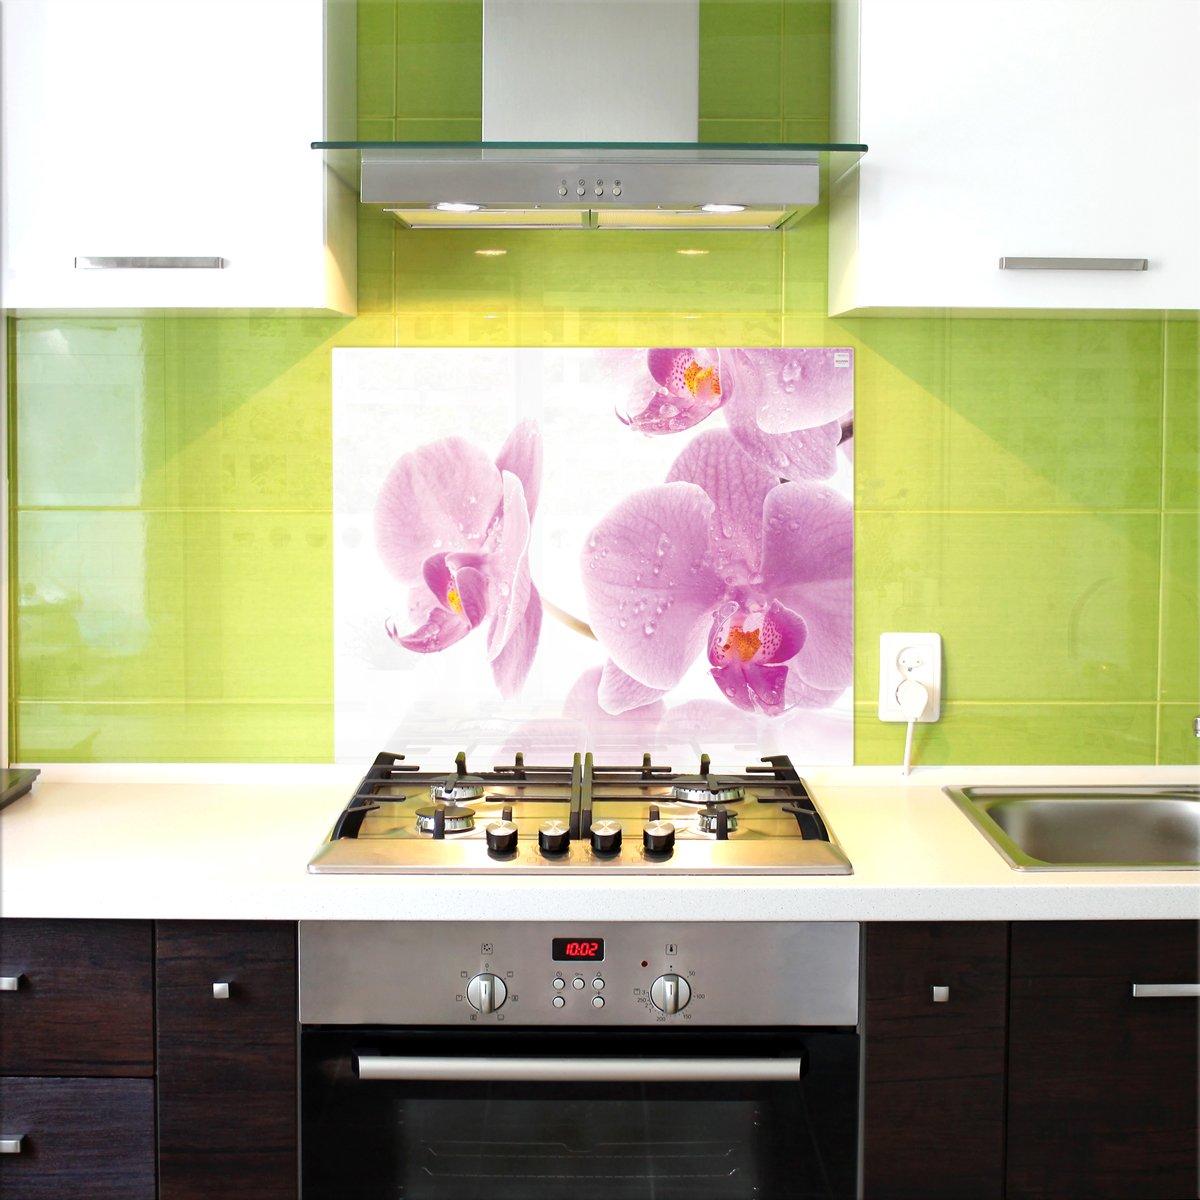 Vasca rettangolare scala - Pannelli retro cucina ...